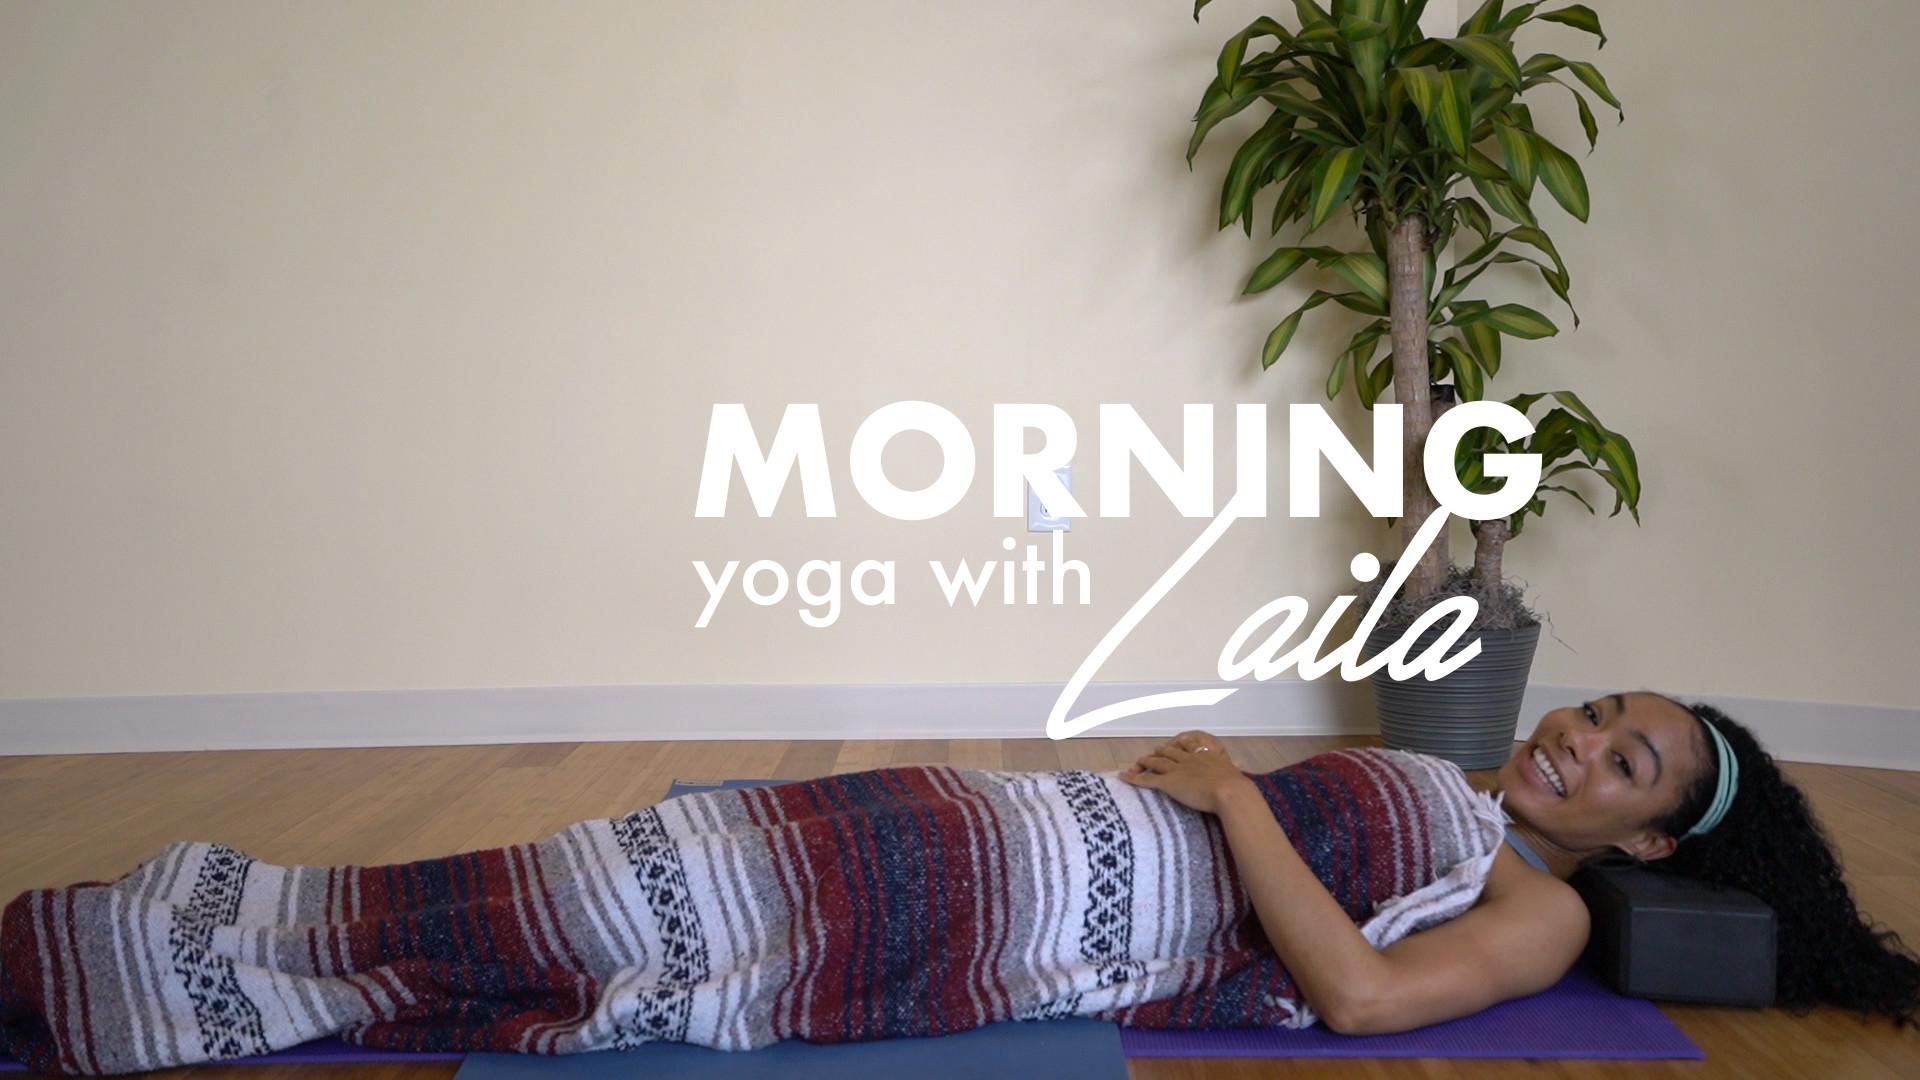 MORNING YOGA: LAILA